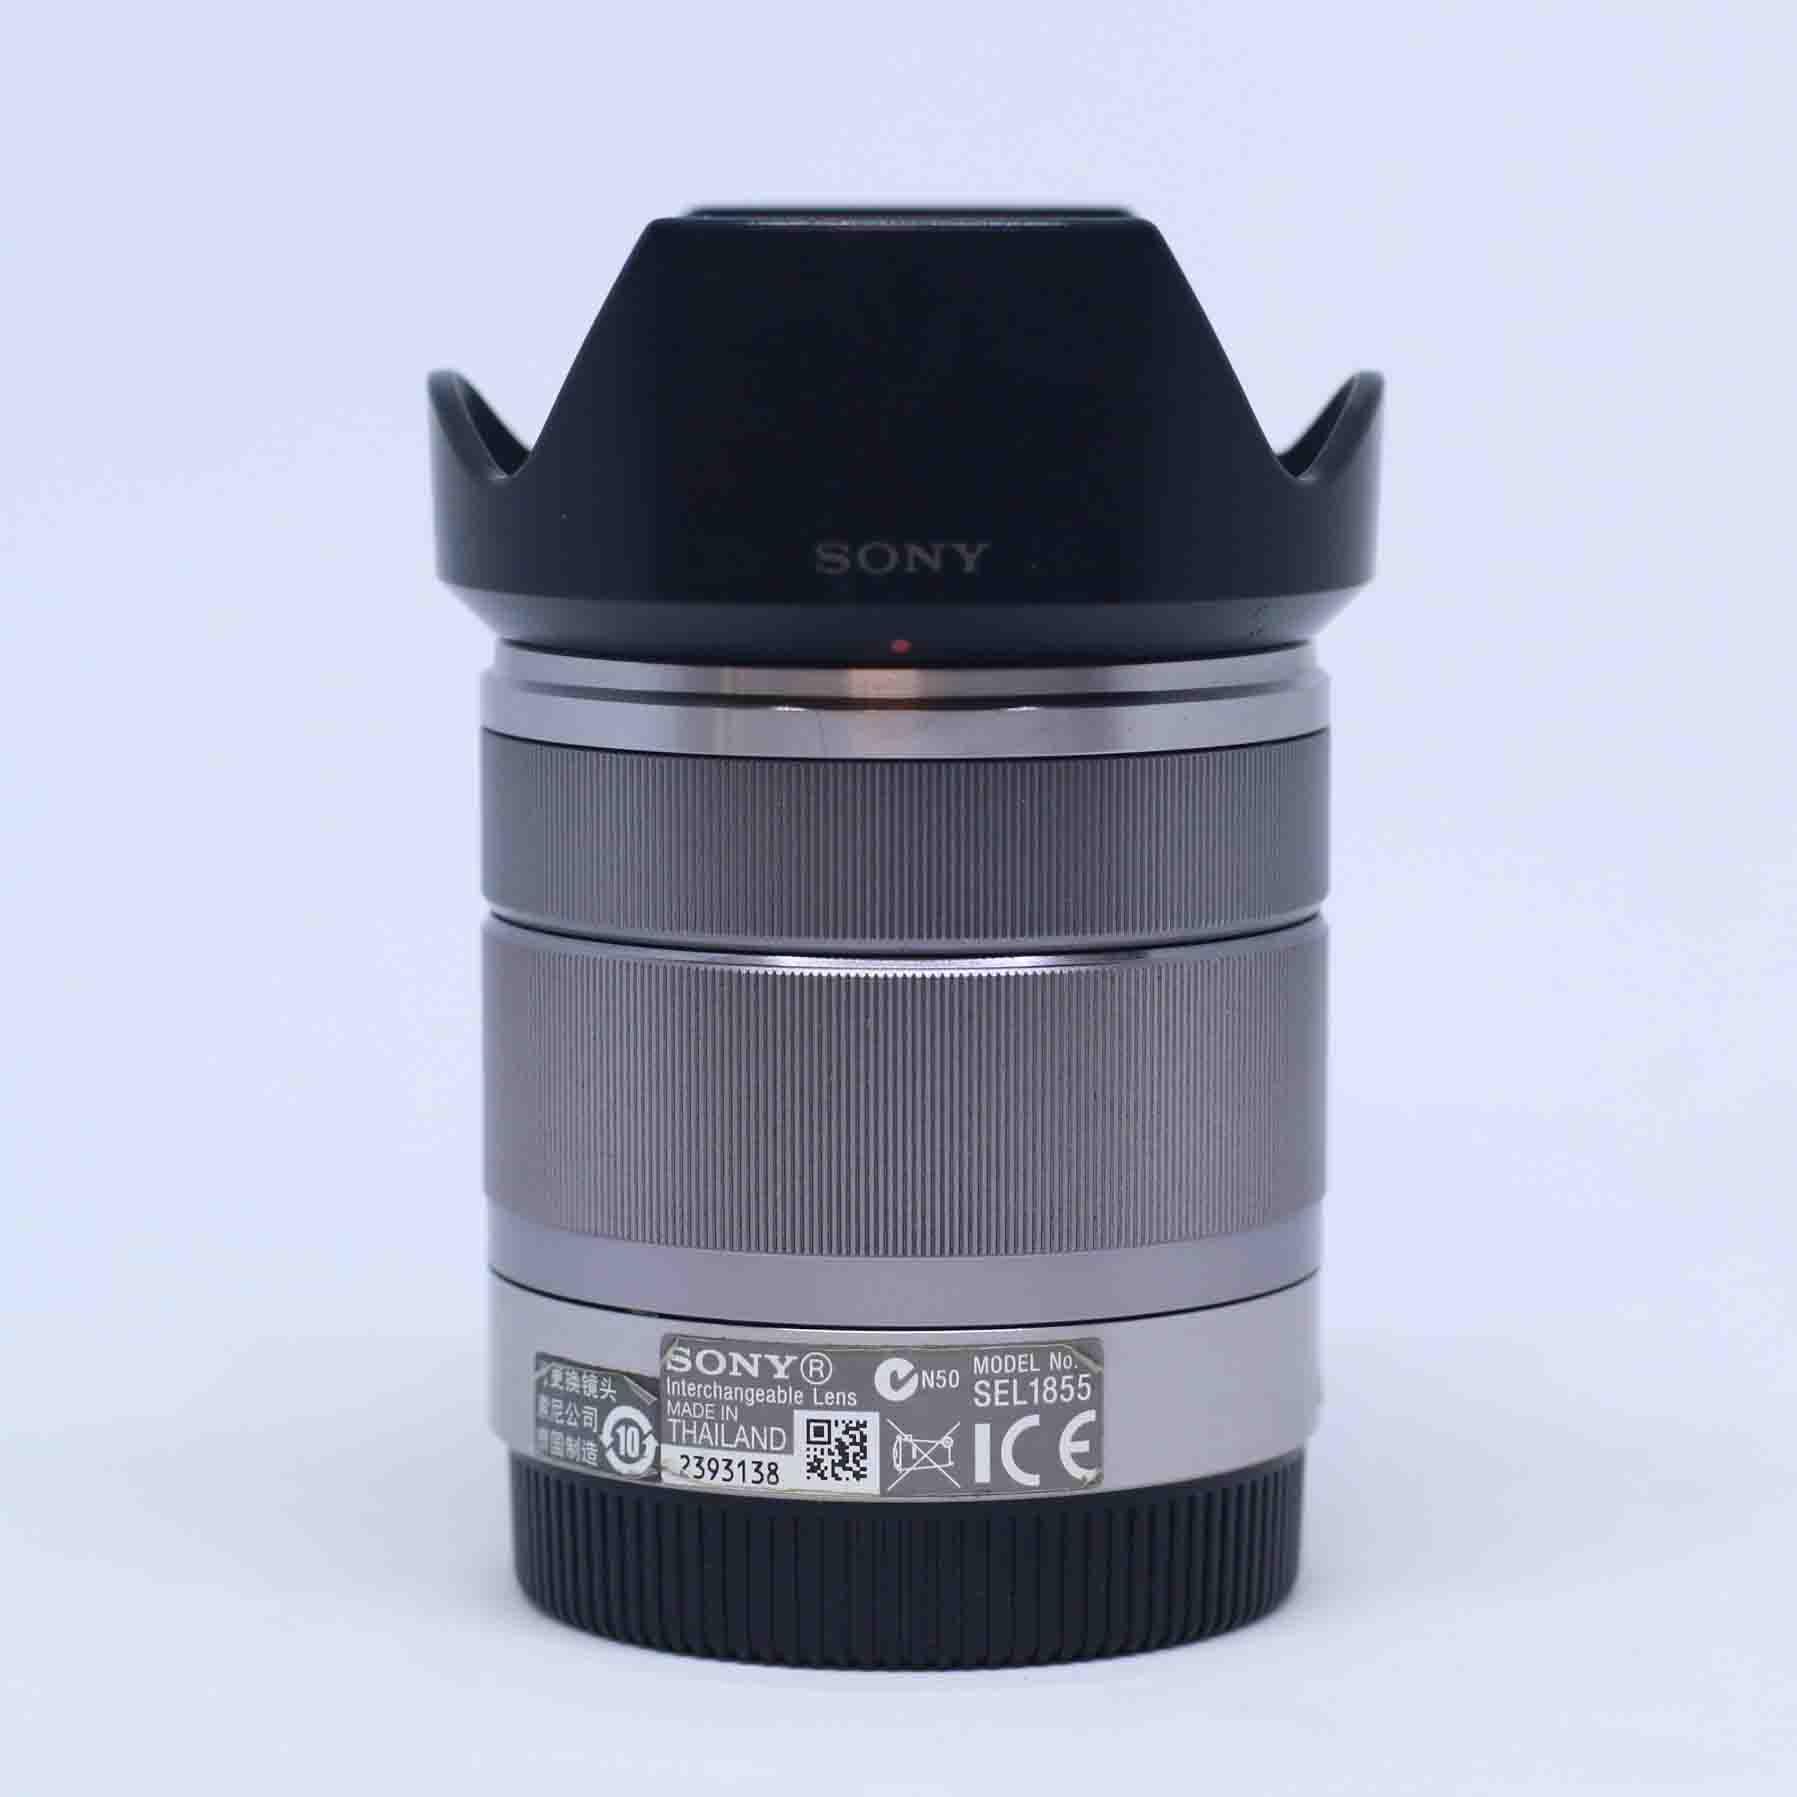 Ống kính Sony 18-55mm F/3.5-5.6